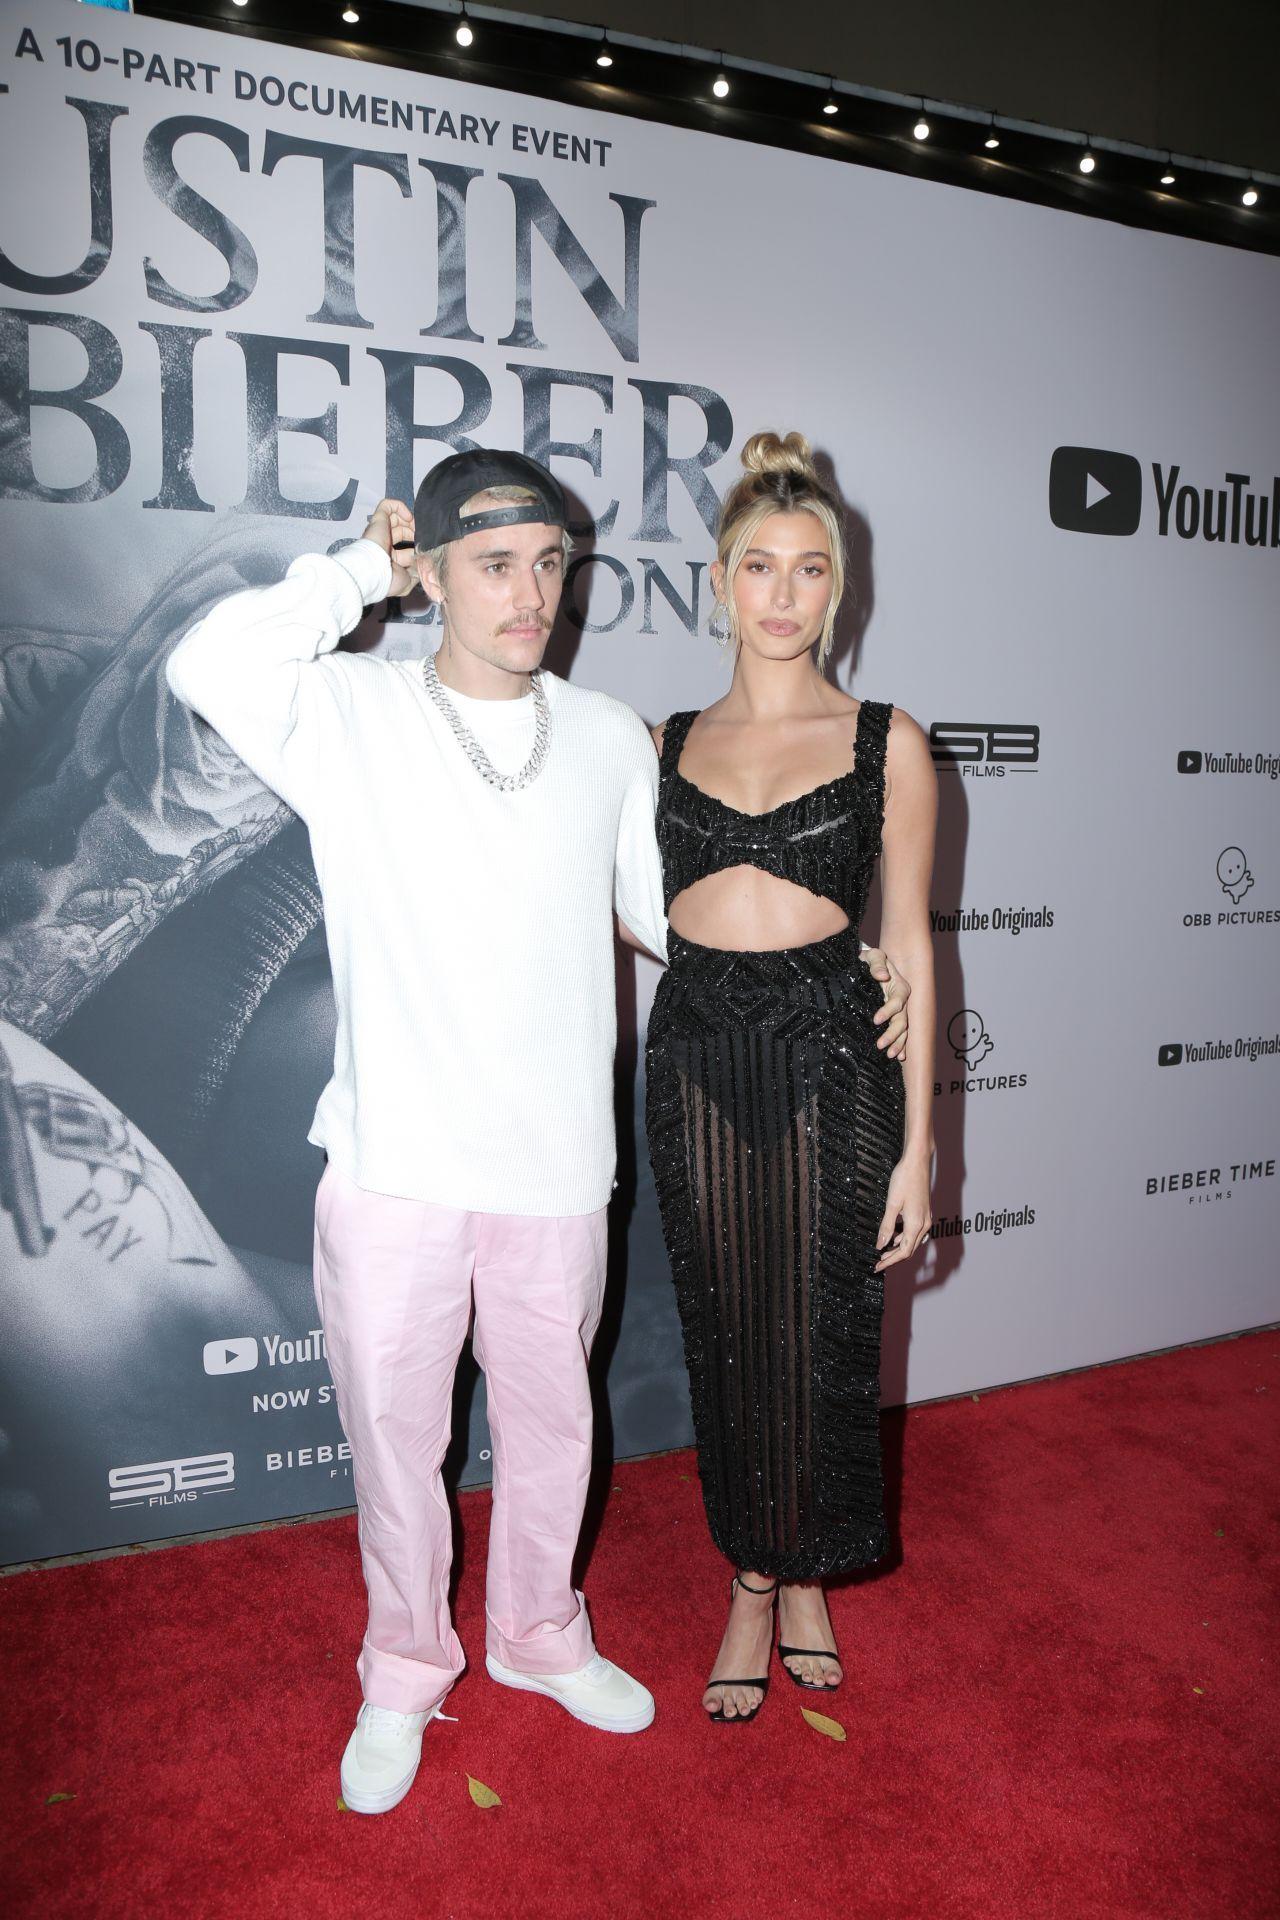 海莉·罗德·比伯(Hailey Rhode Bieber)和贾斯汀·比伯(Justin Biebe